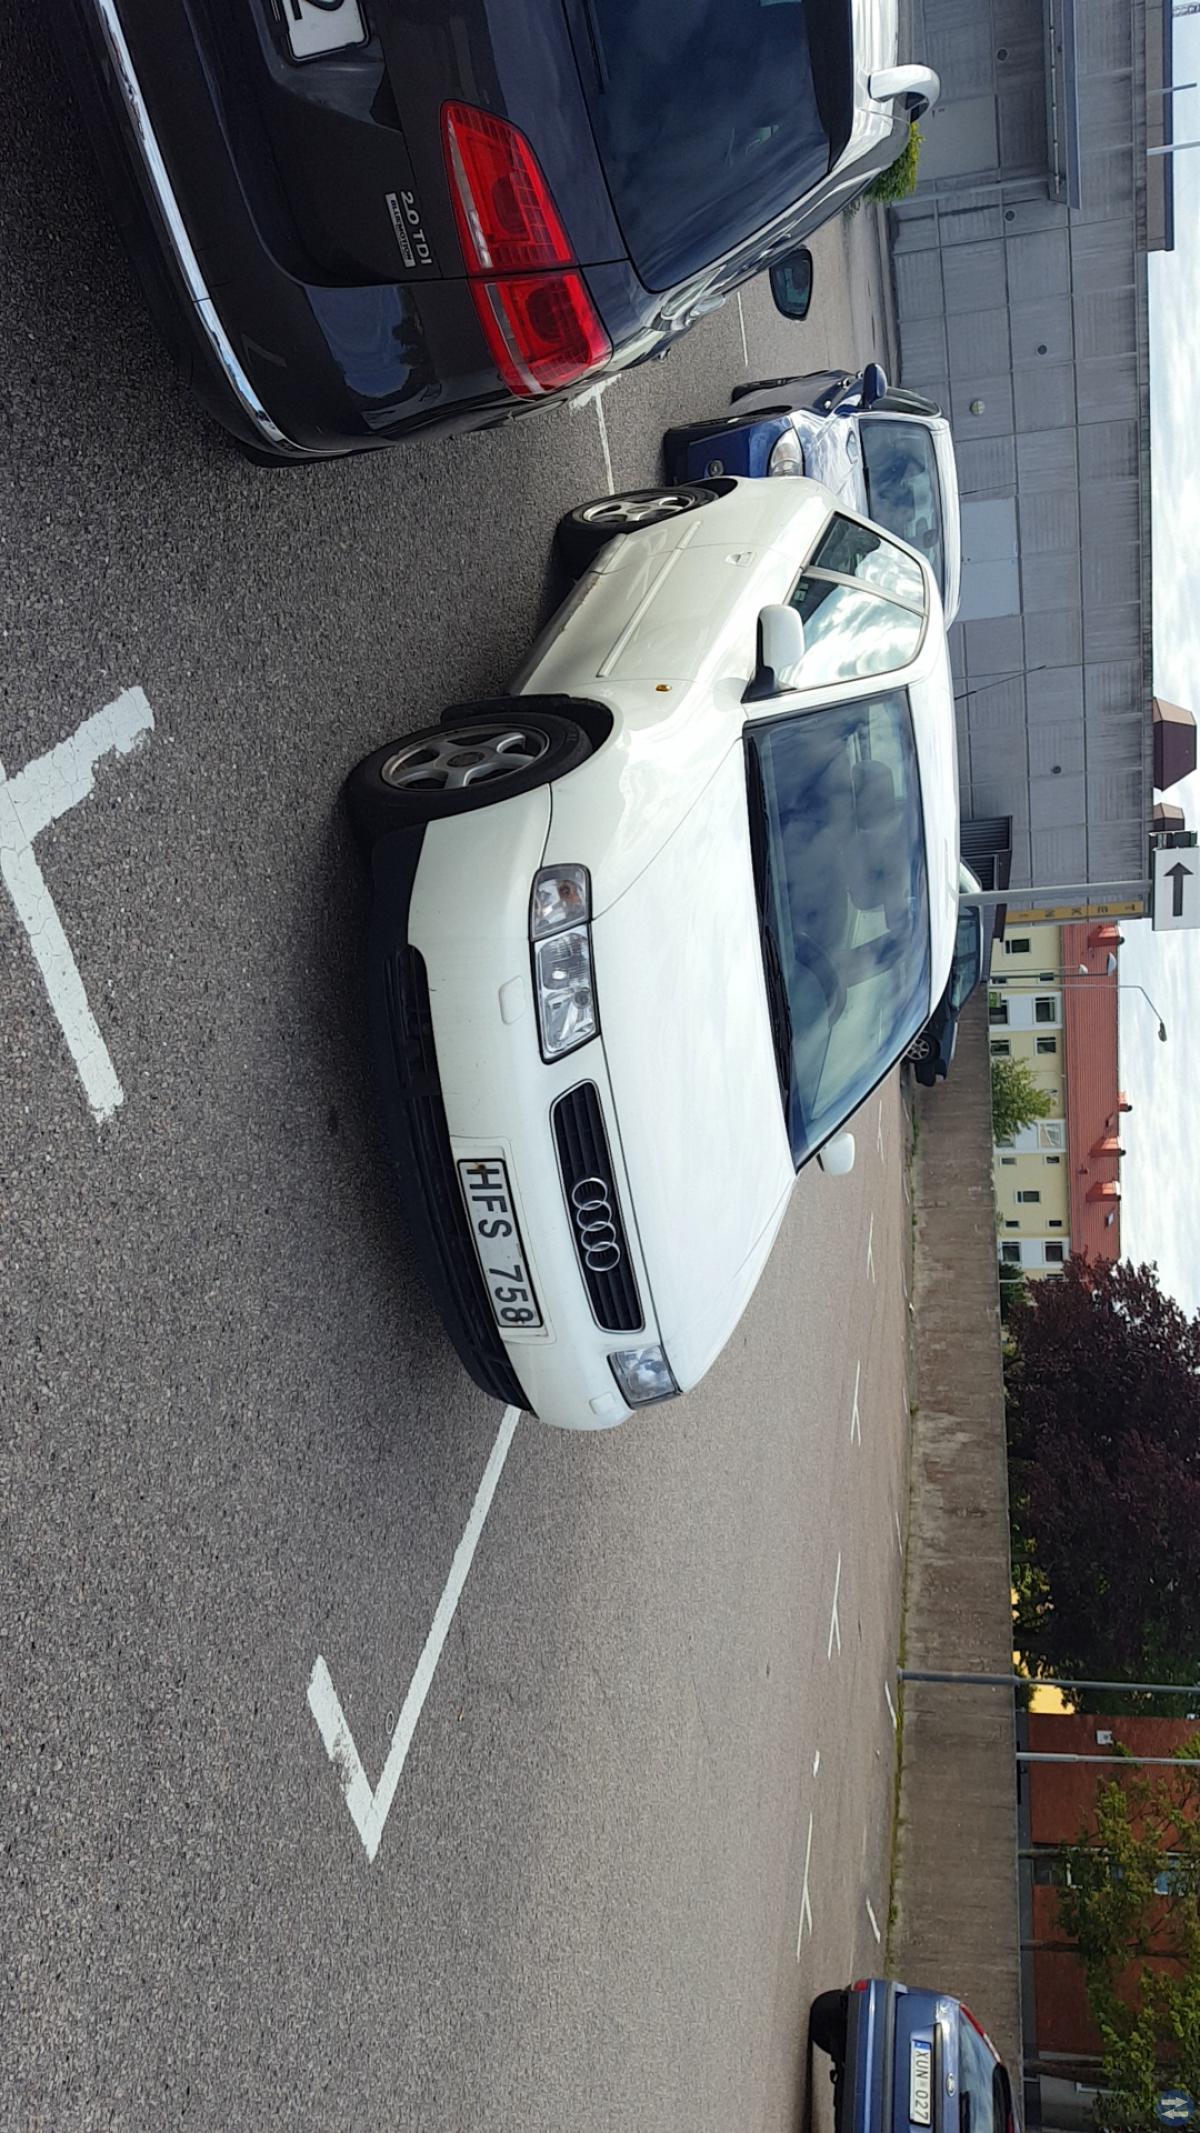 Audi A3 1.8t bes&skattaf